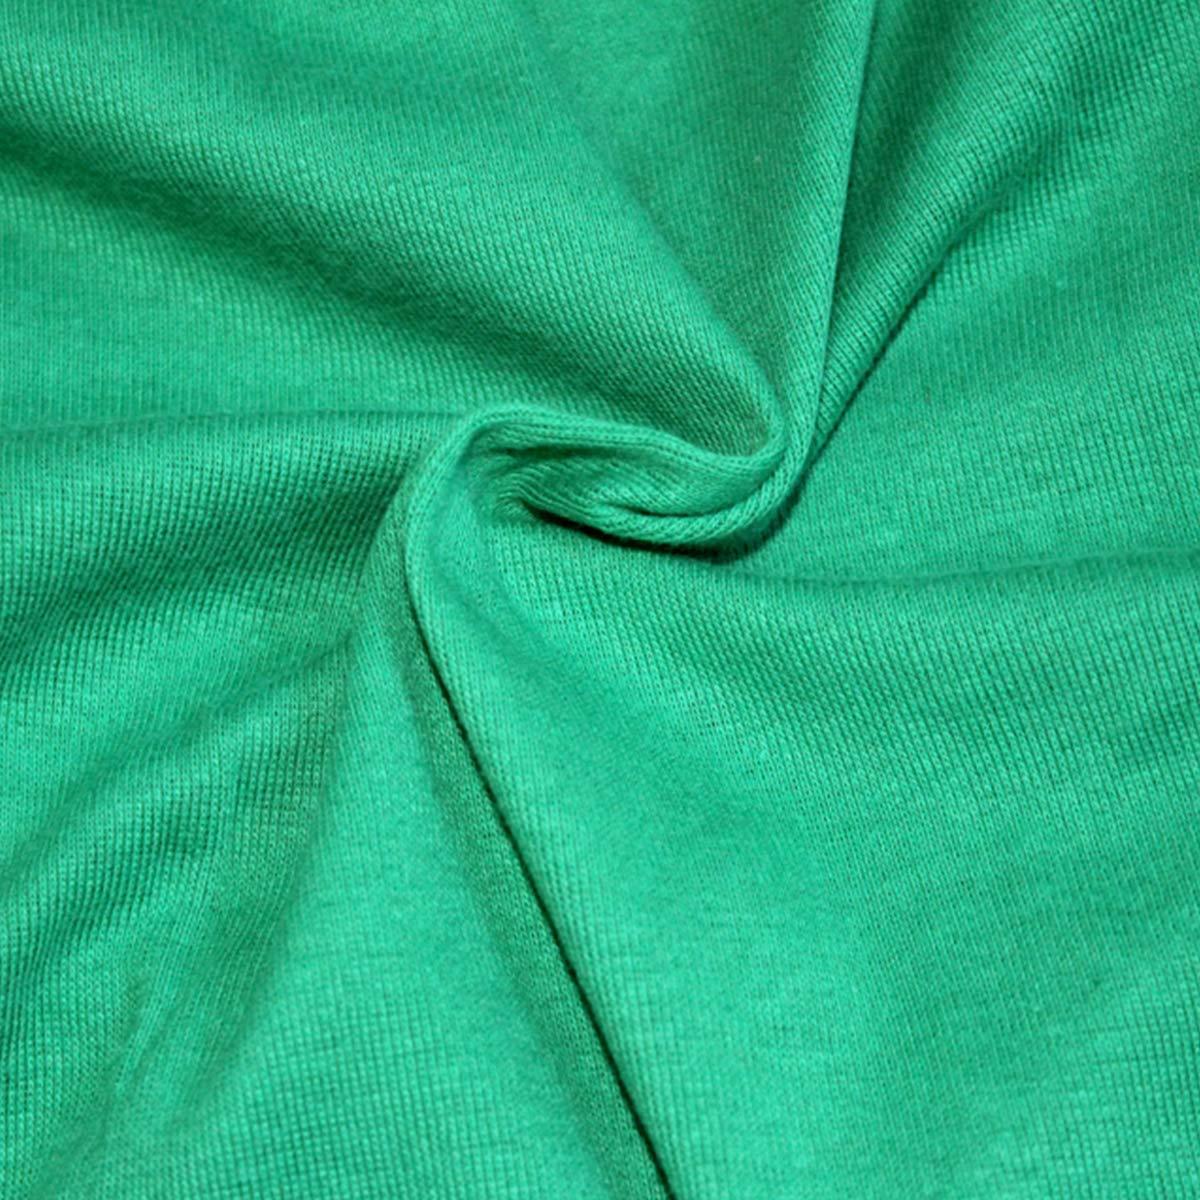 DGAGA Boys Girls Stripe Pajamas Christmas PJS Cotton Pajama Sets 2 Piece Sleepwear for 2-8 Years